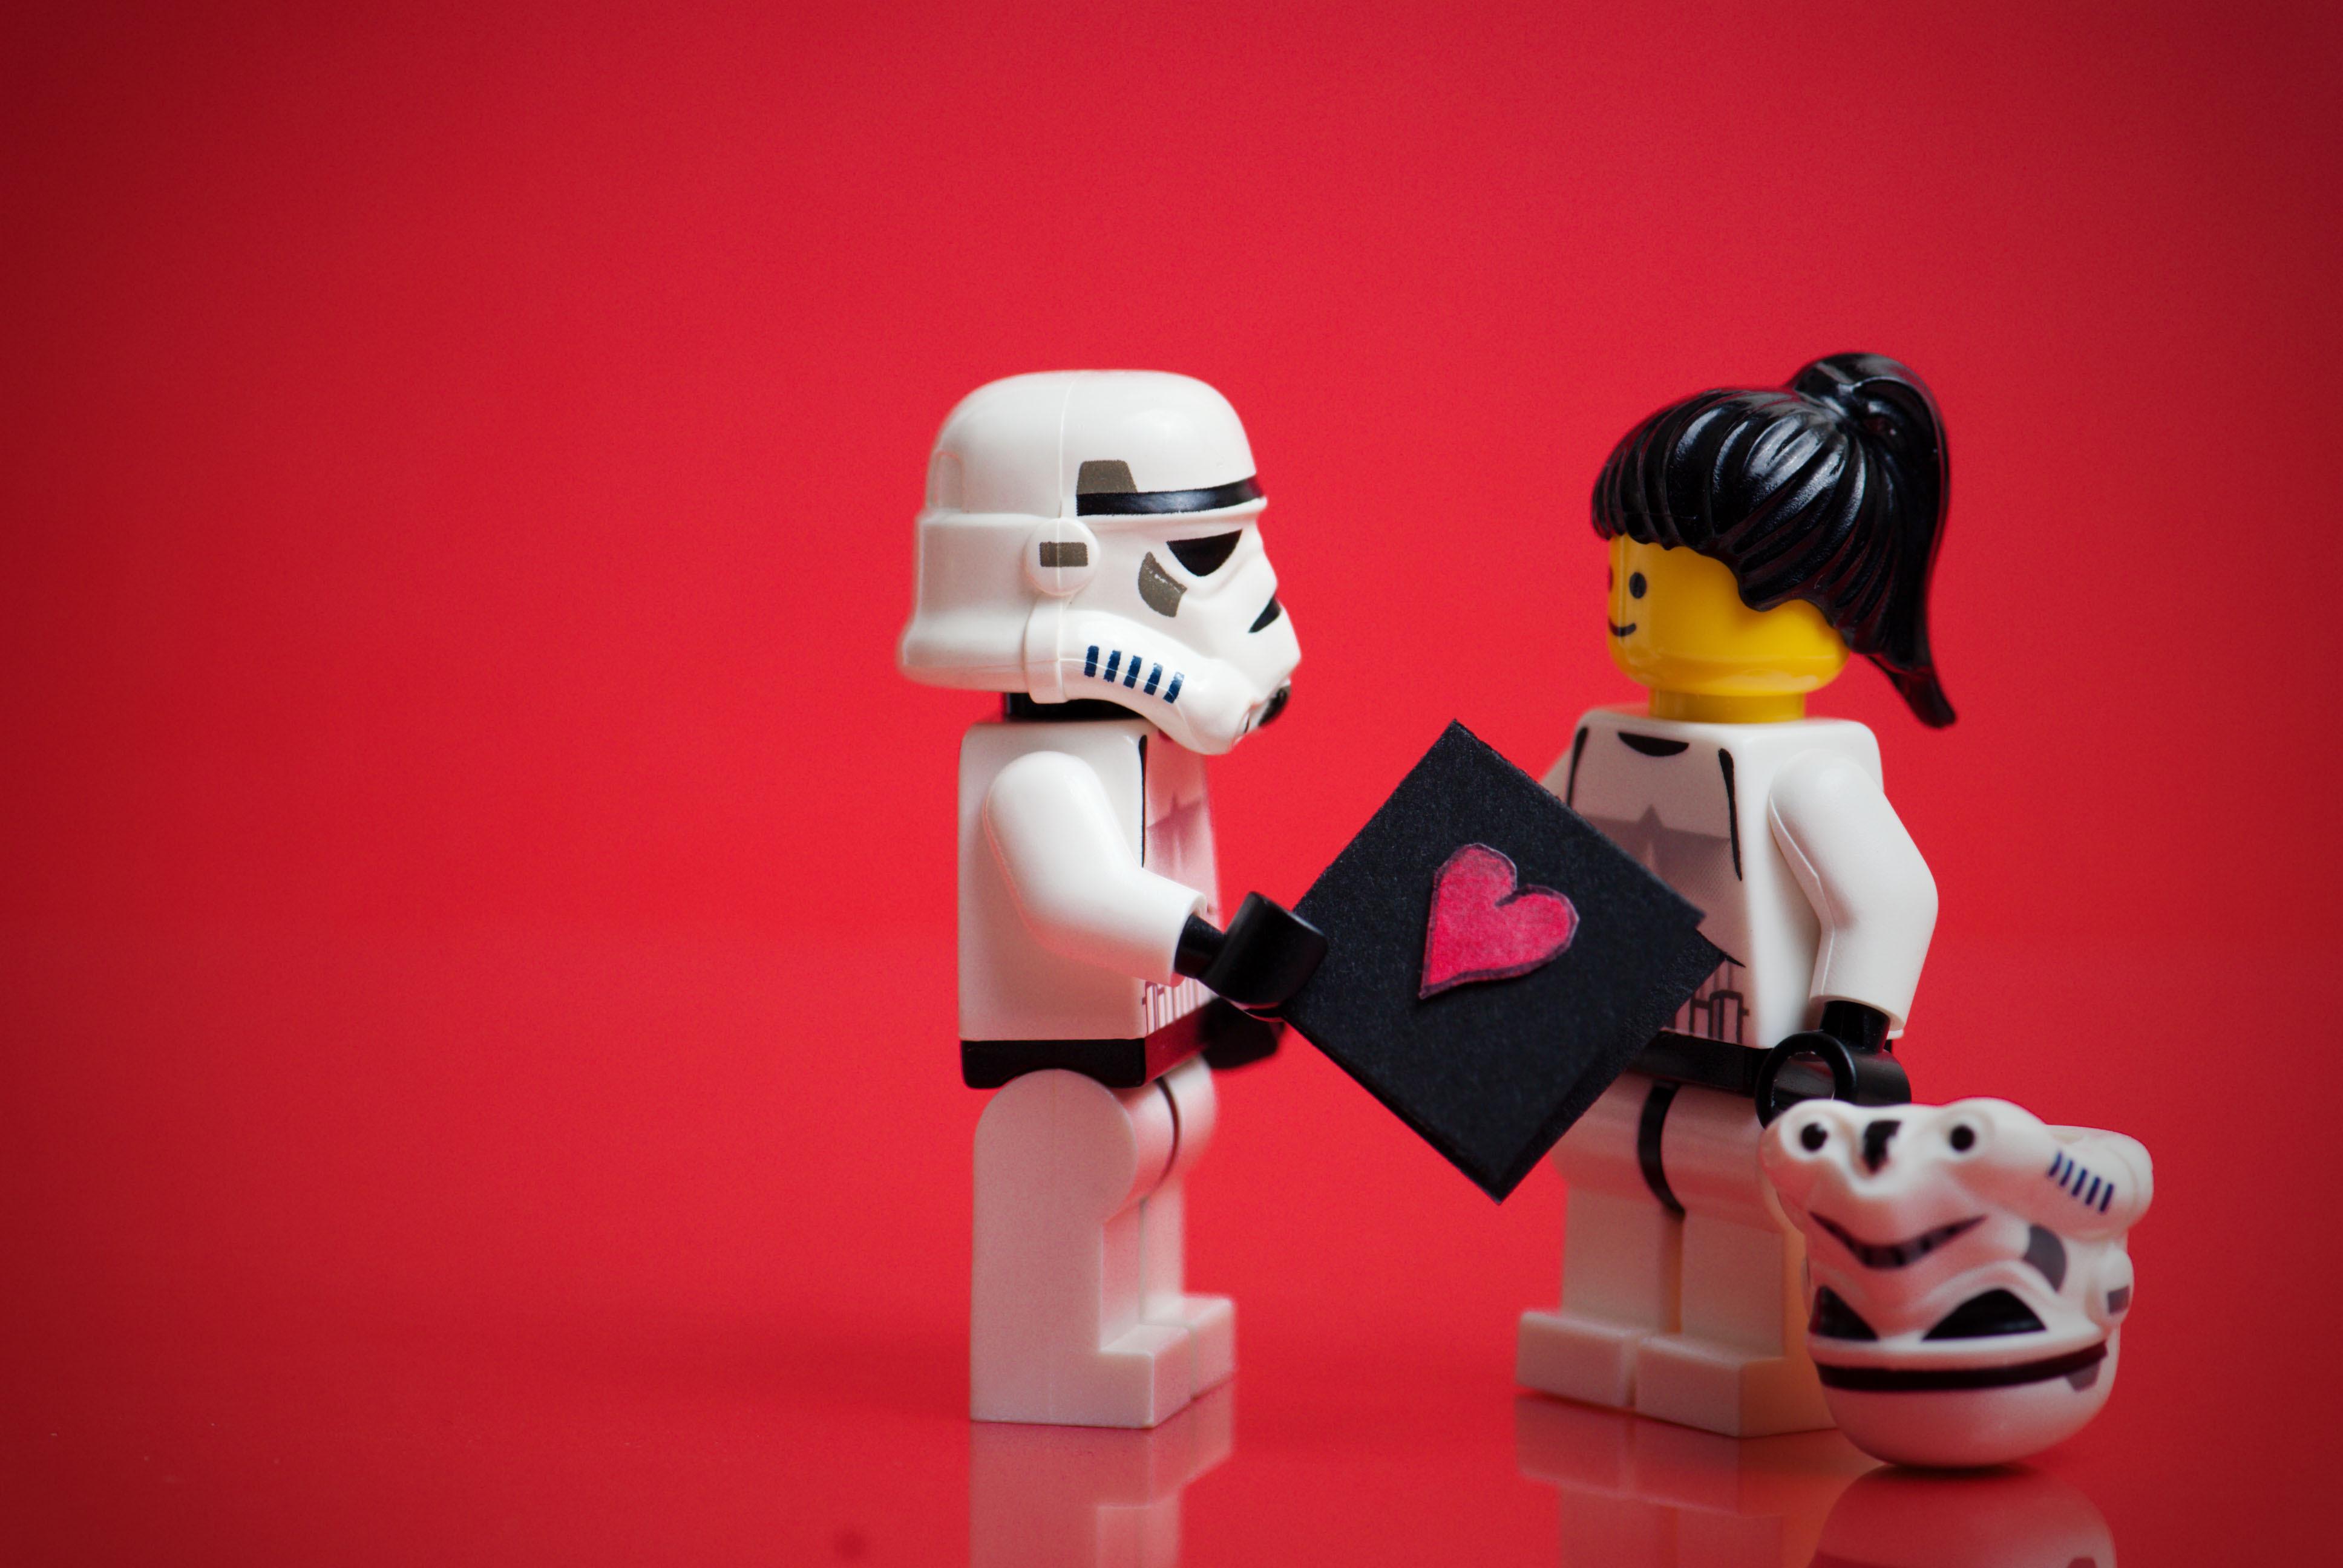 игры игрушка лего звездные войны game toy LEGO star war скачать